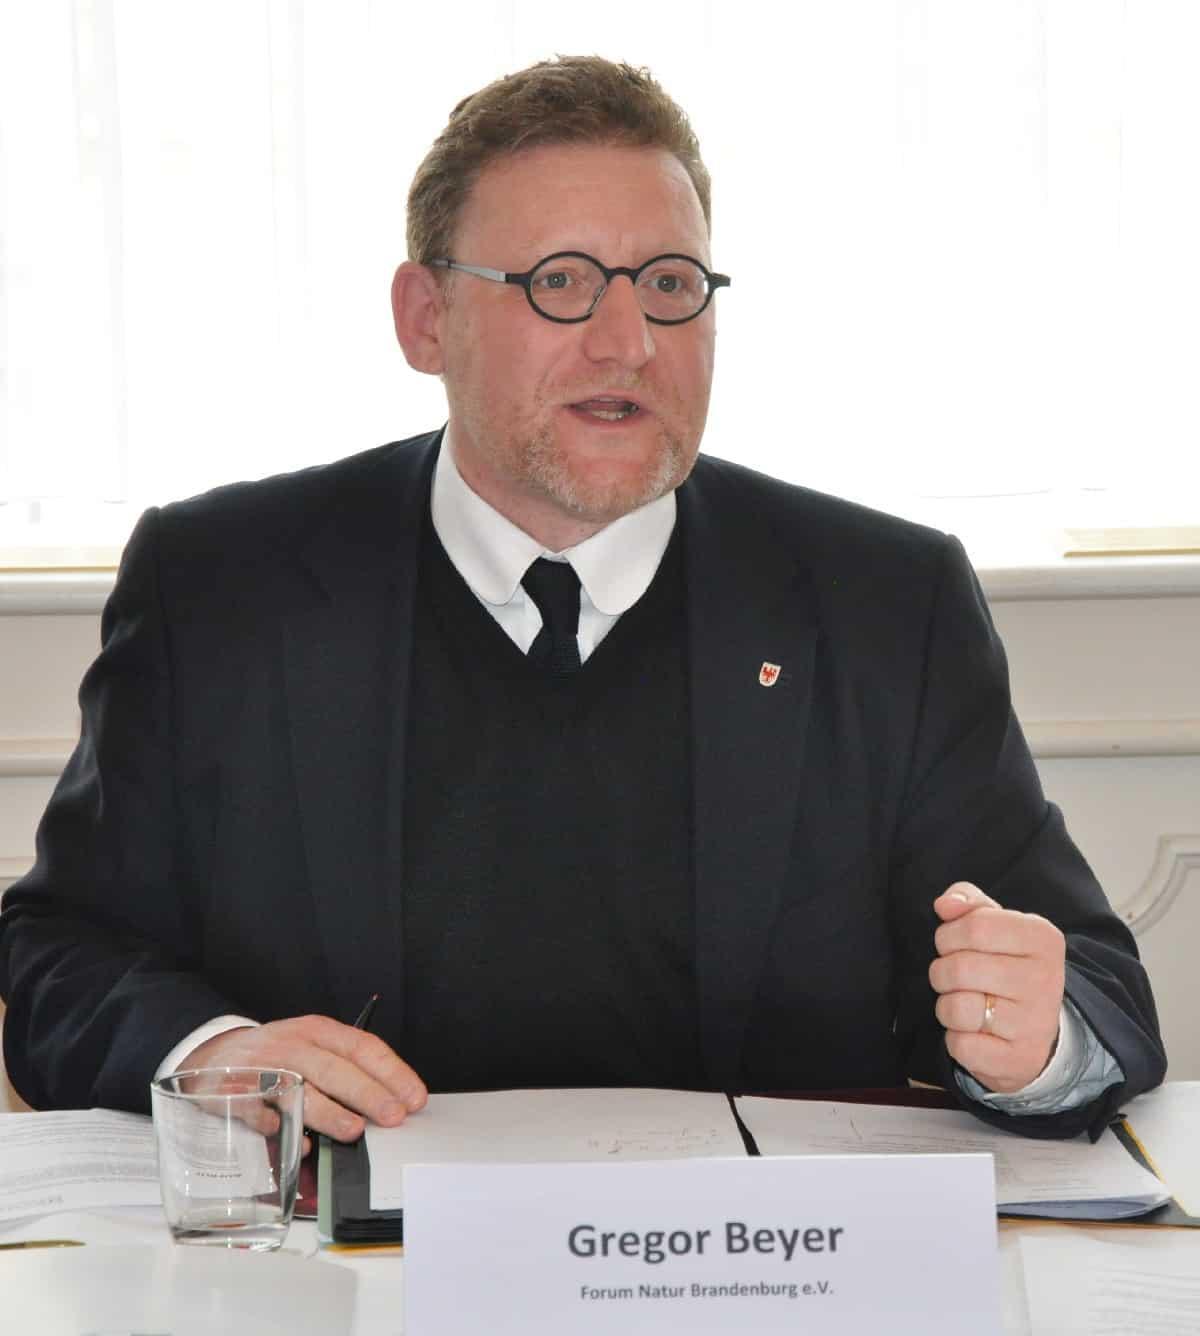 Gregor Beyer